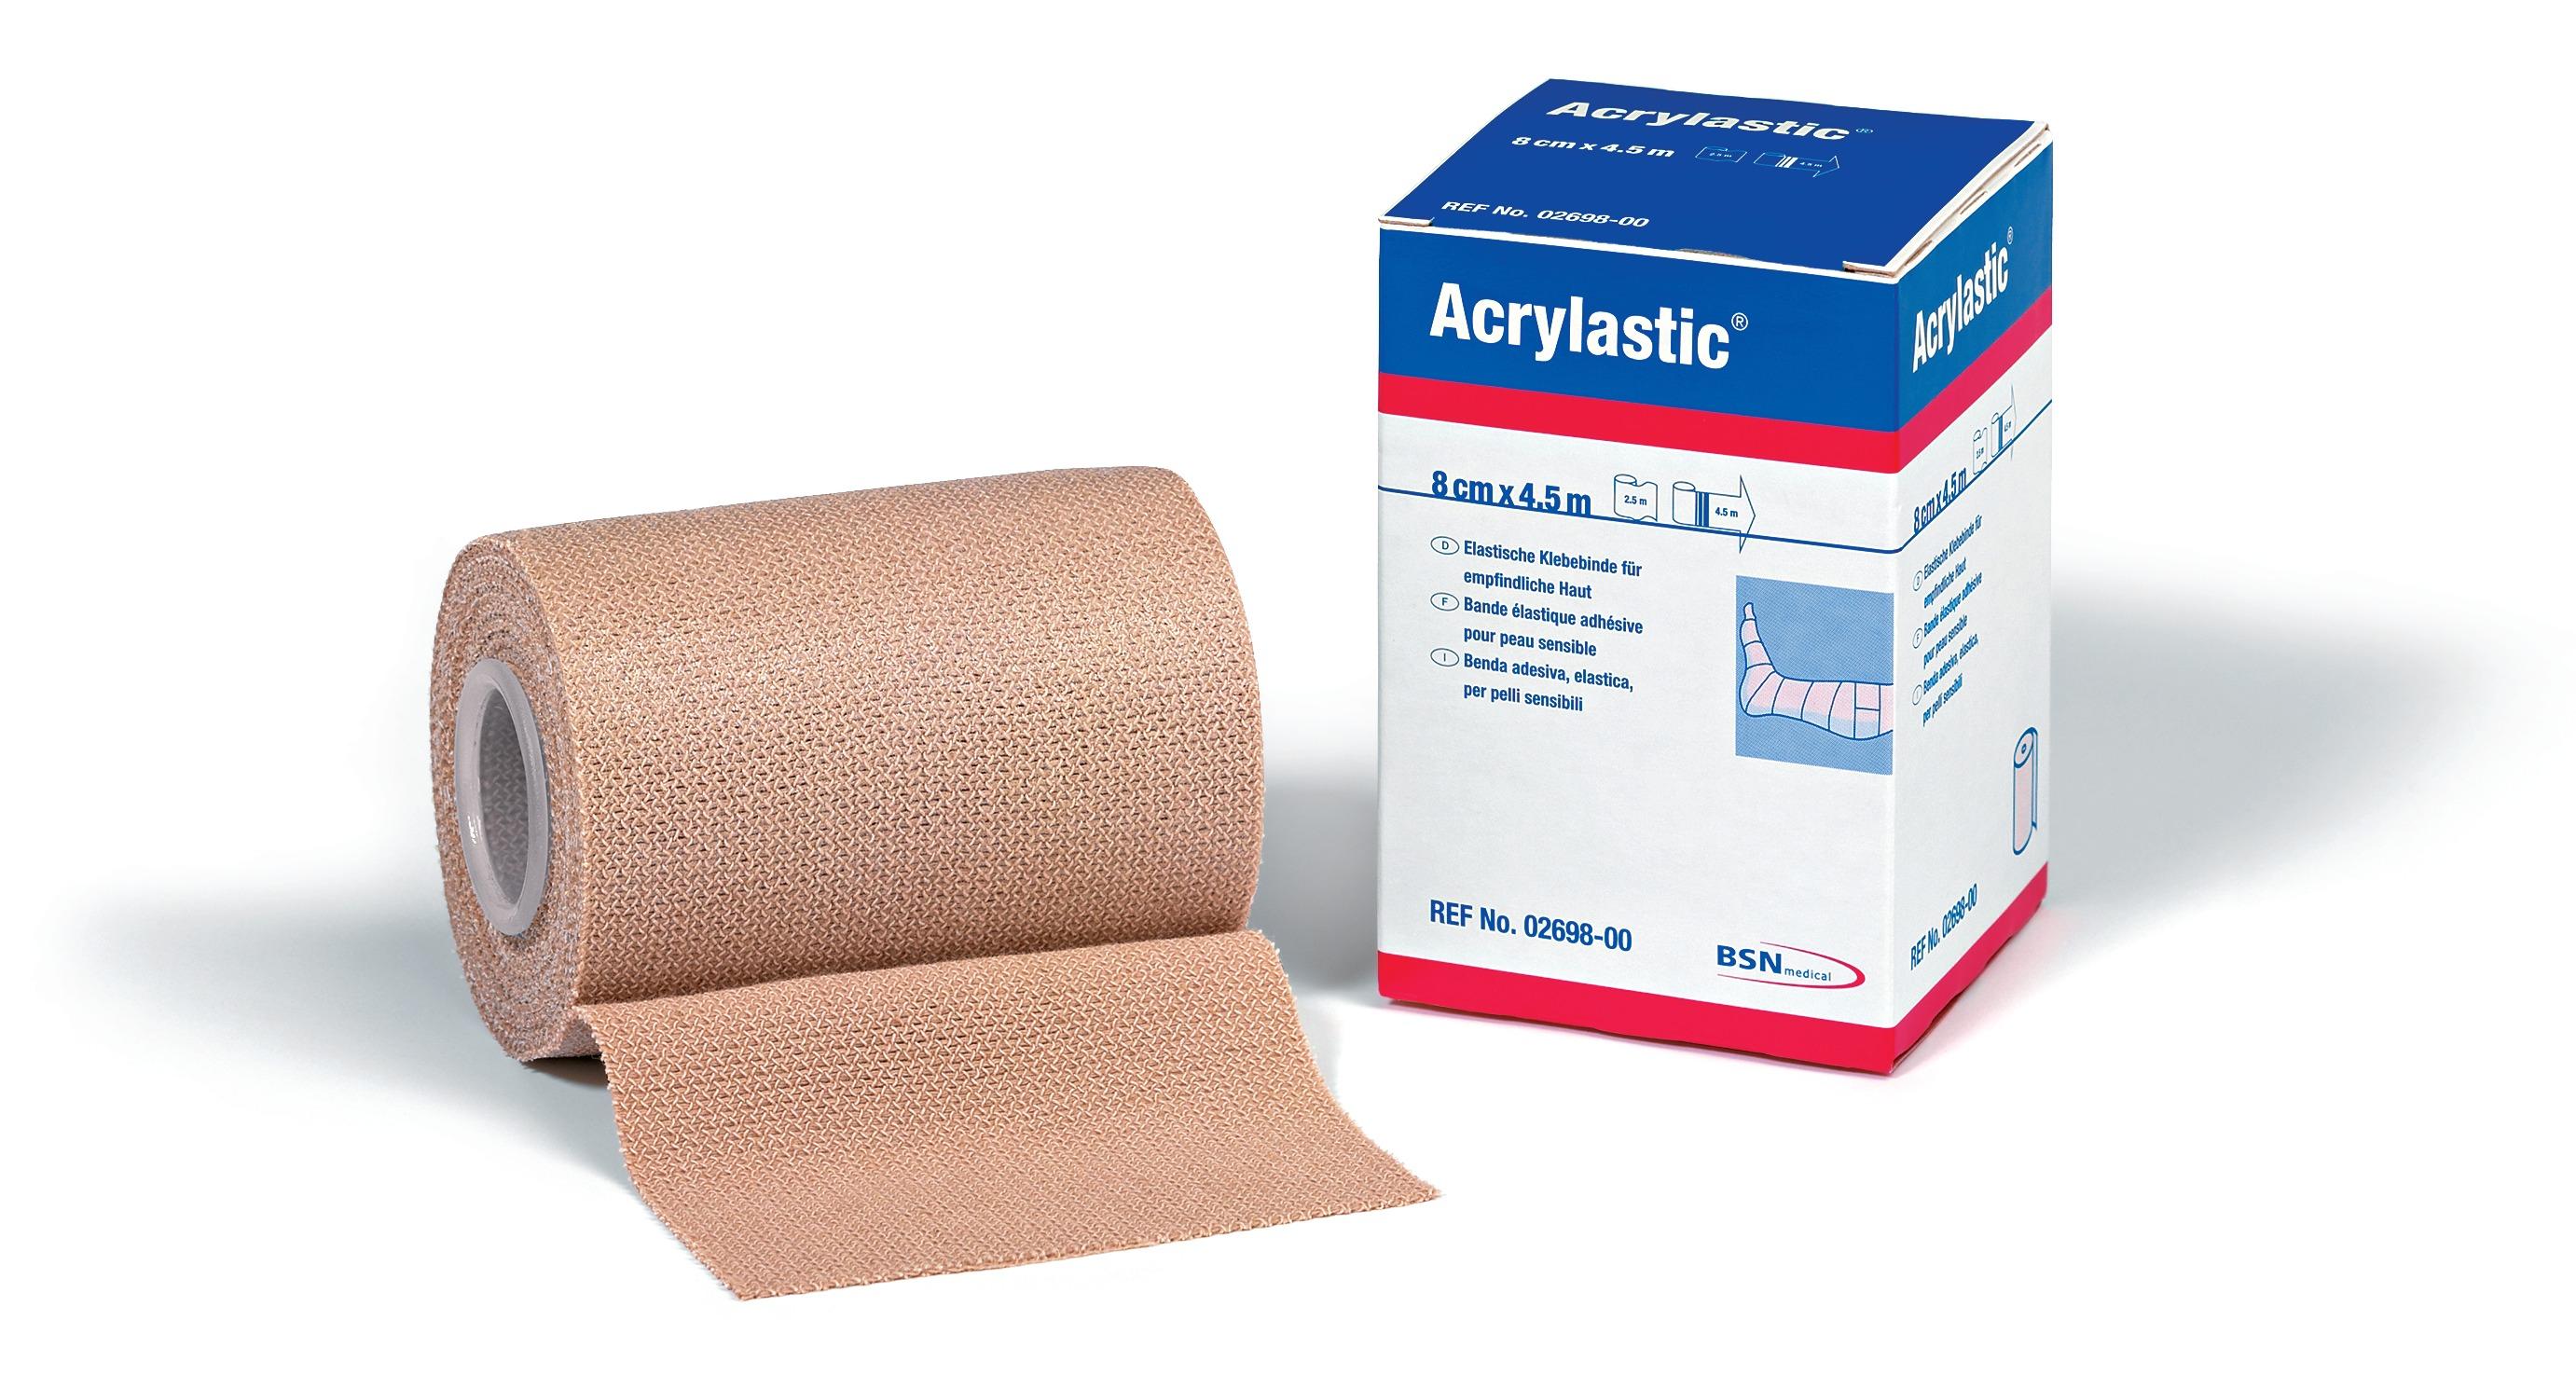 Acrylastic elastische Klebebinde 8 cm x 2,5 m - Packung mit 12 Stück